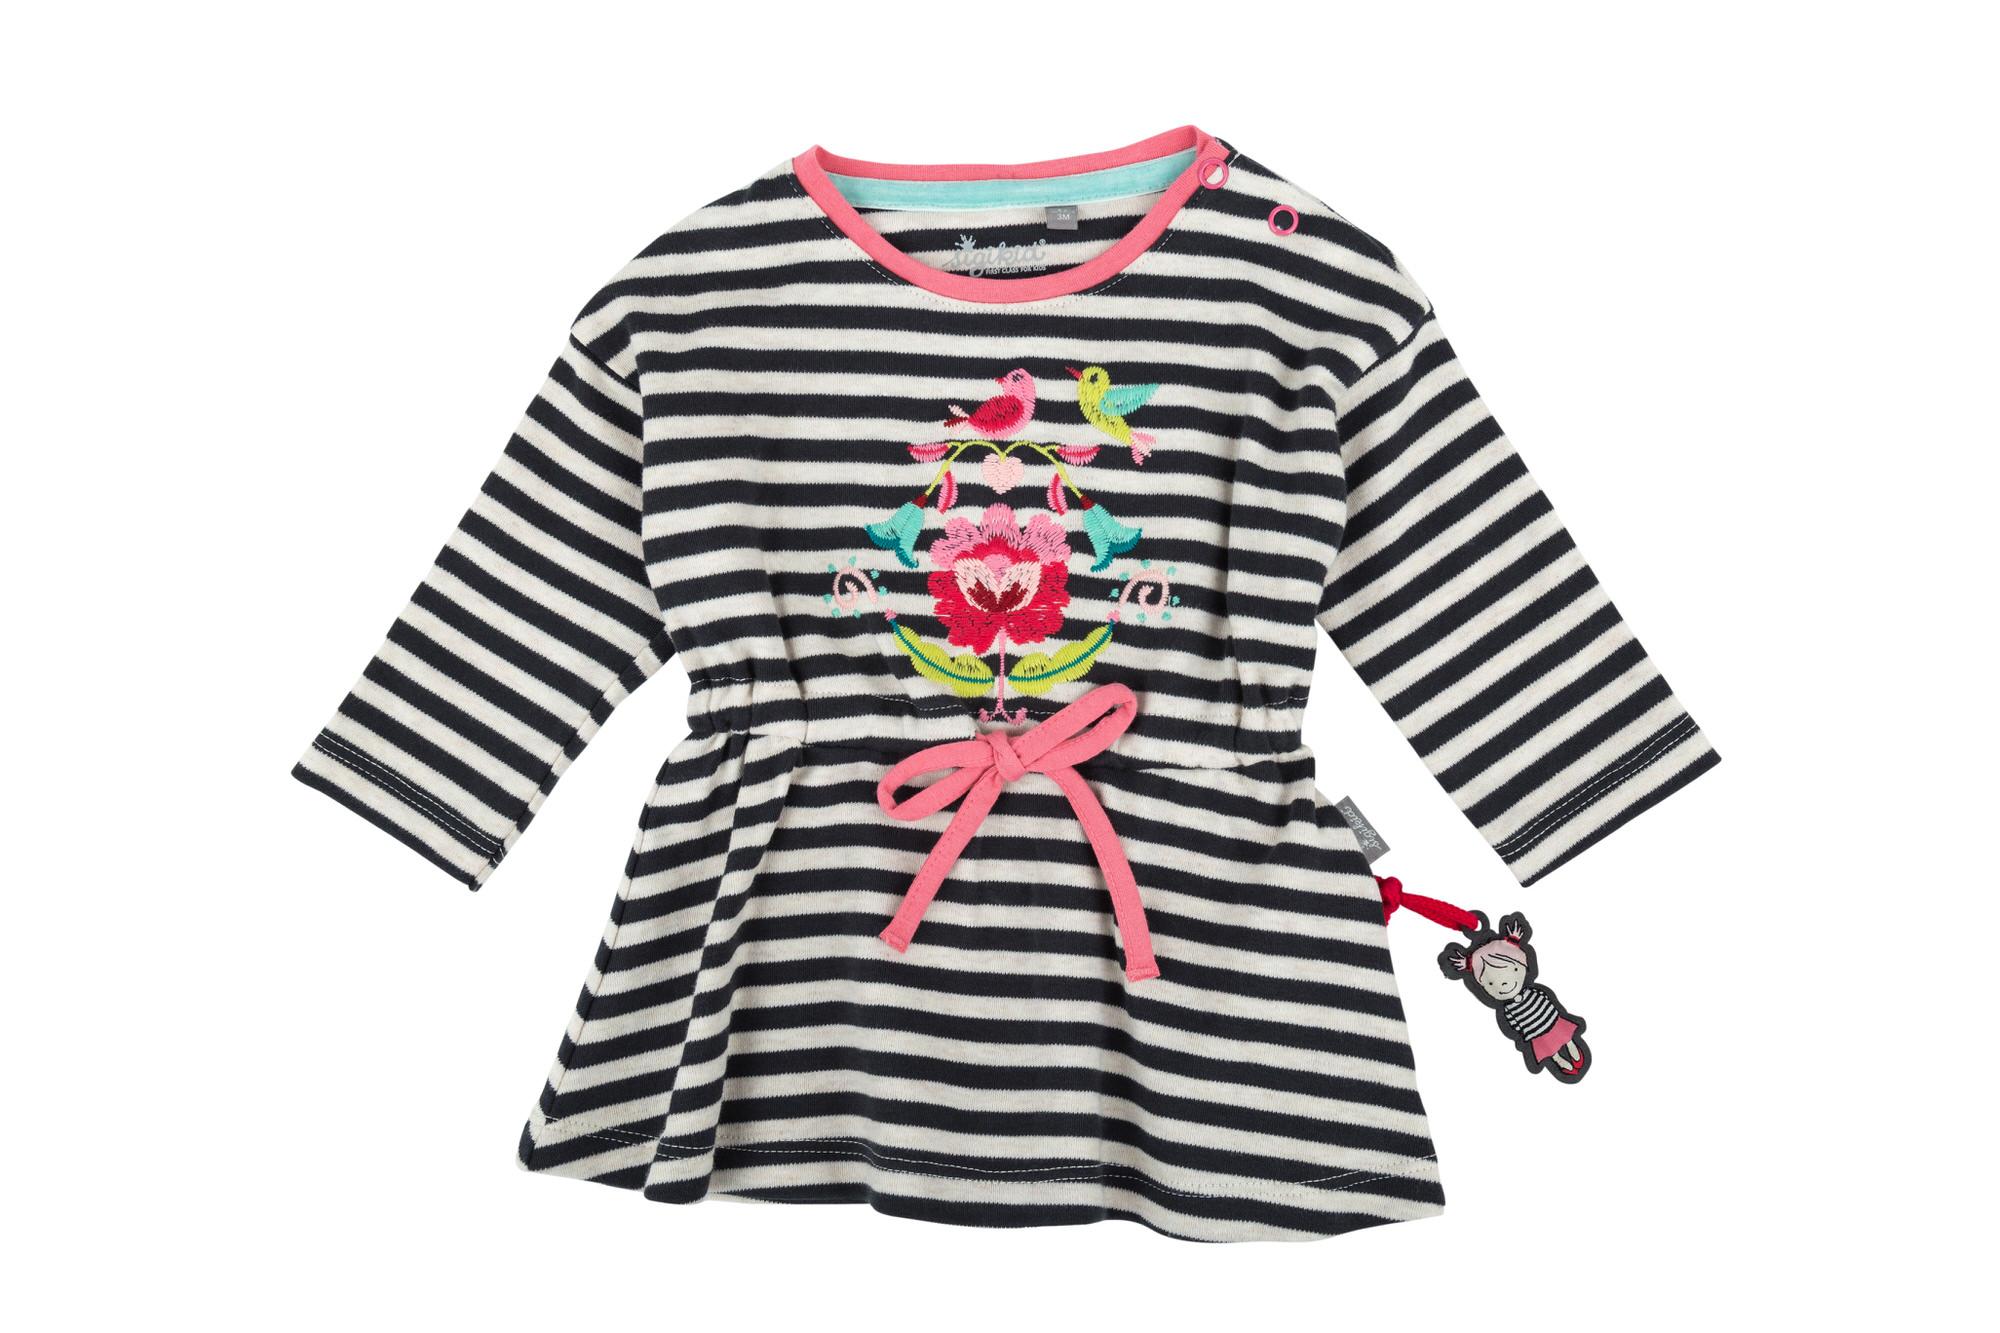 Sigikid Baby Baby M/ädchen Kleid Kleid